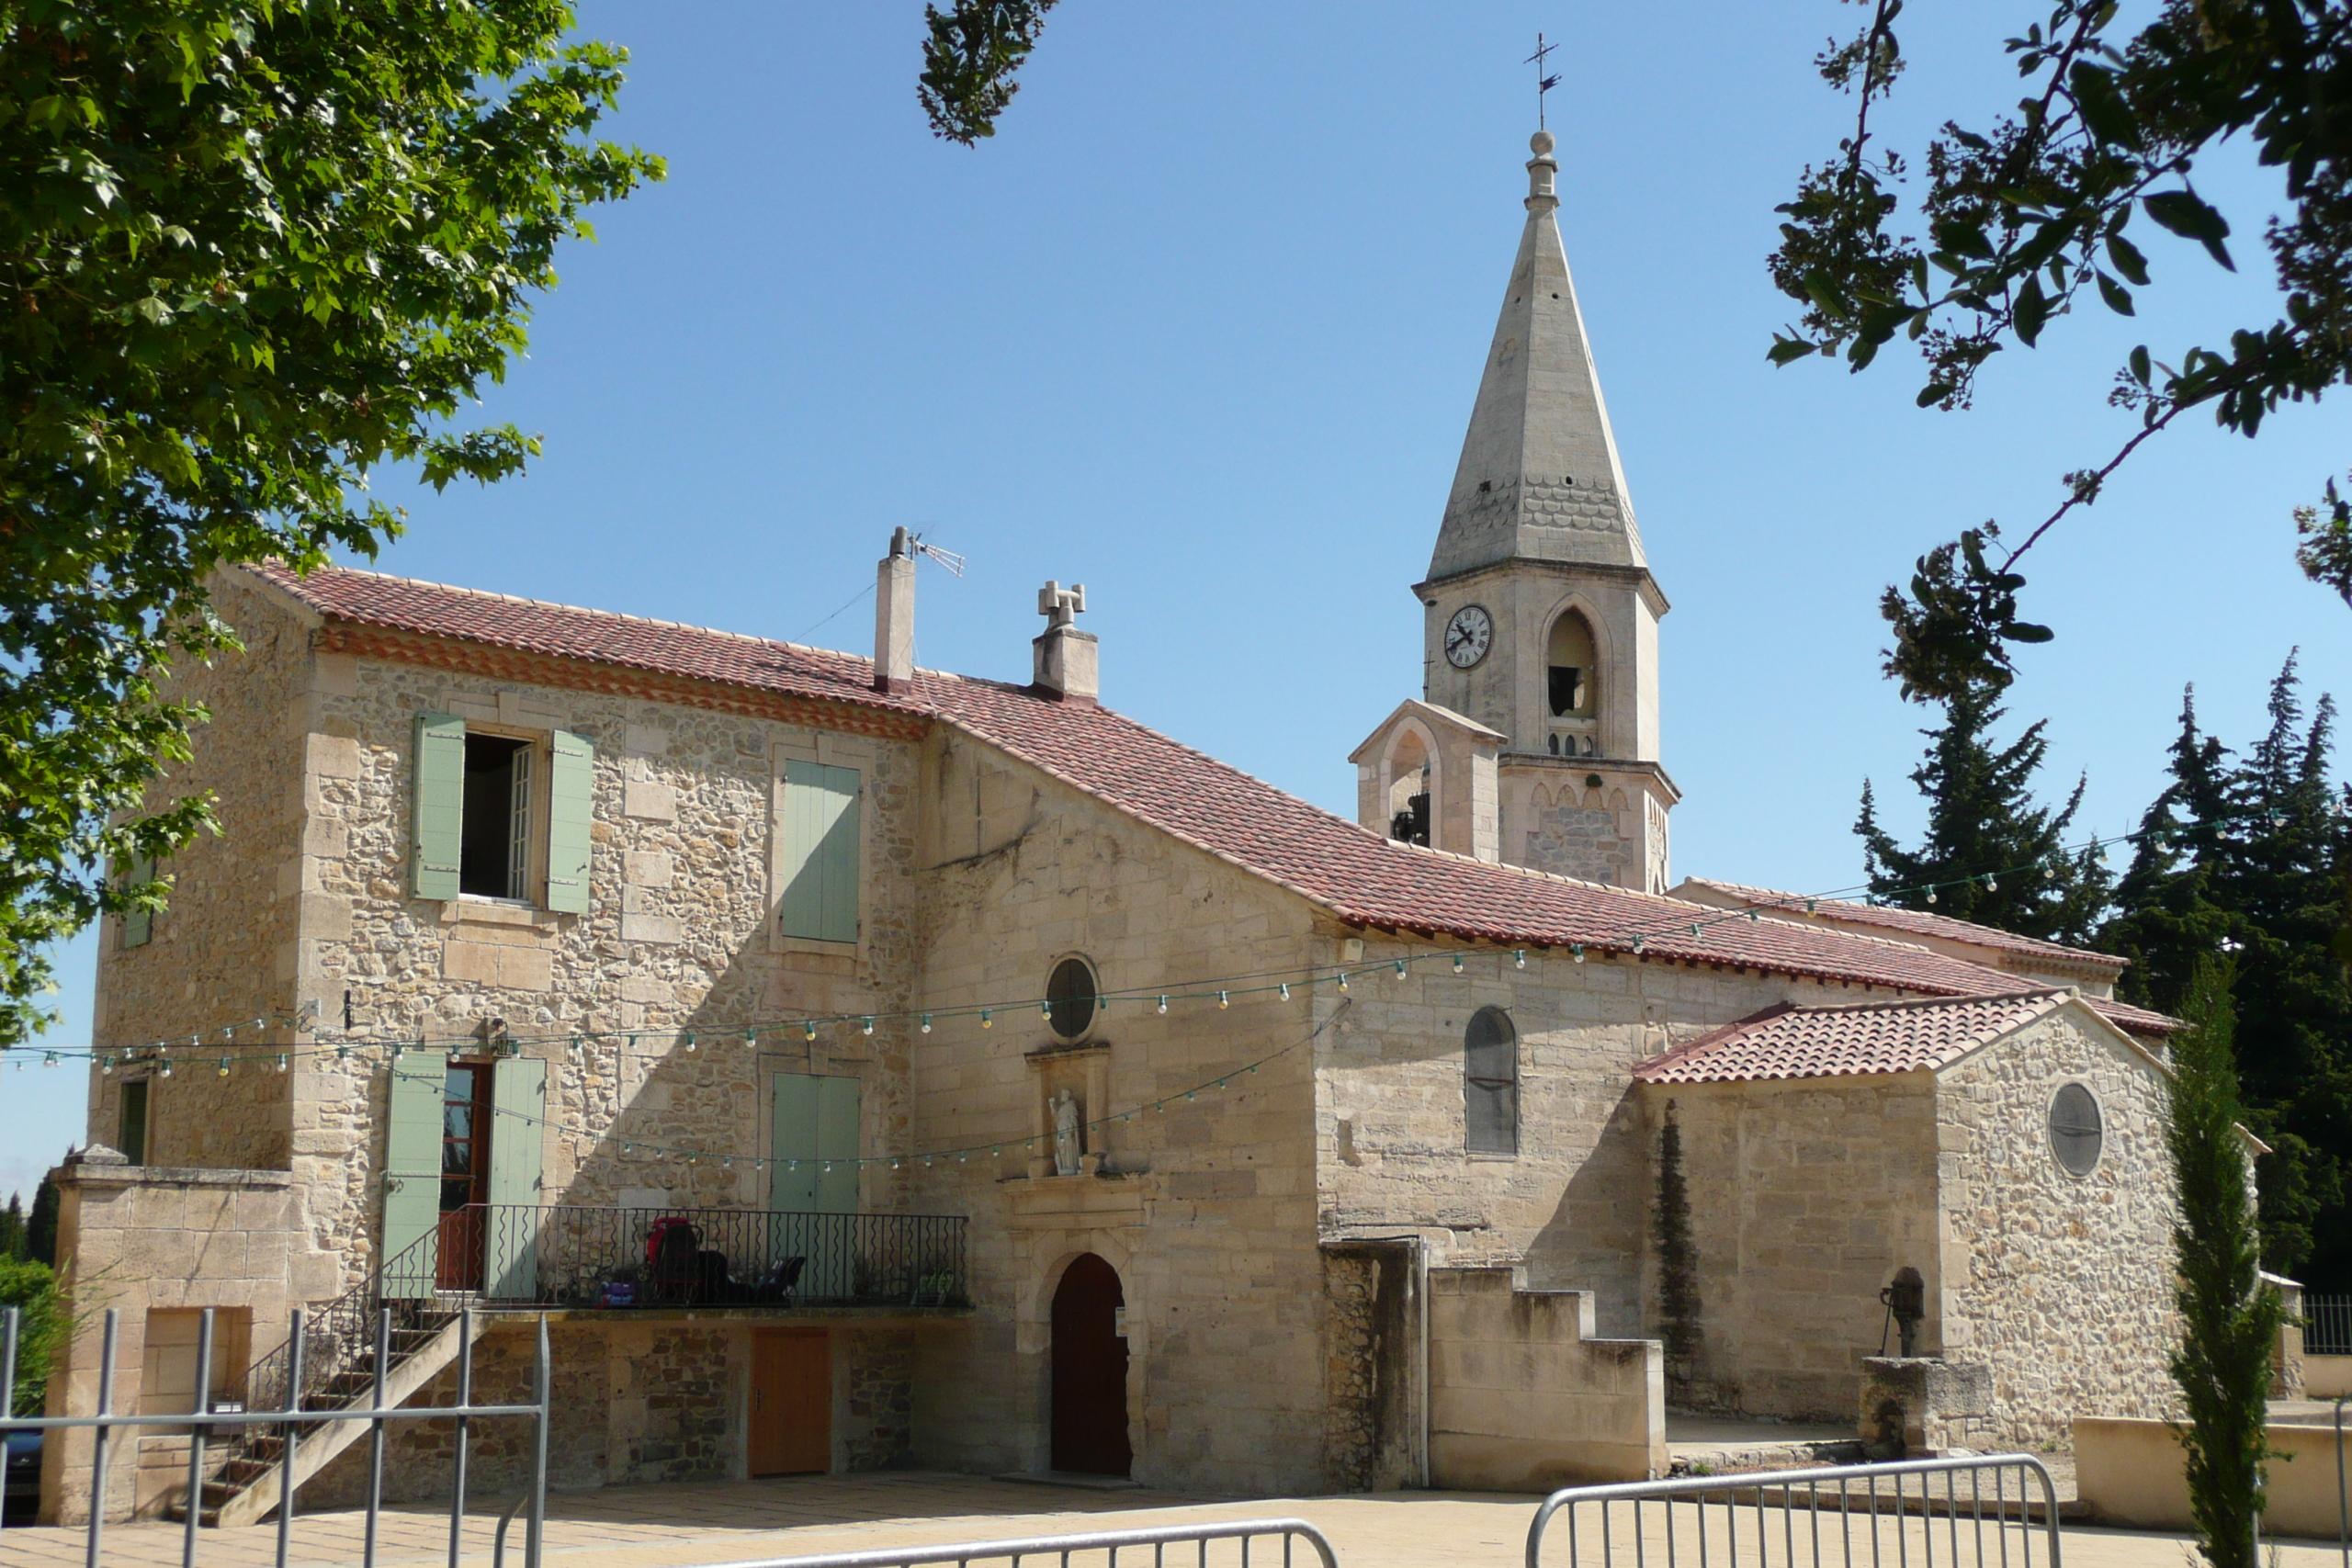 eglise saint pierre mezoargues